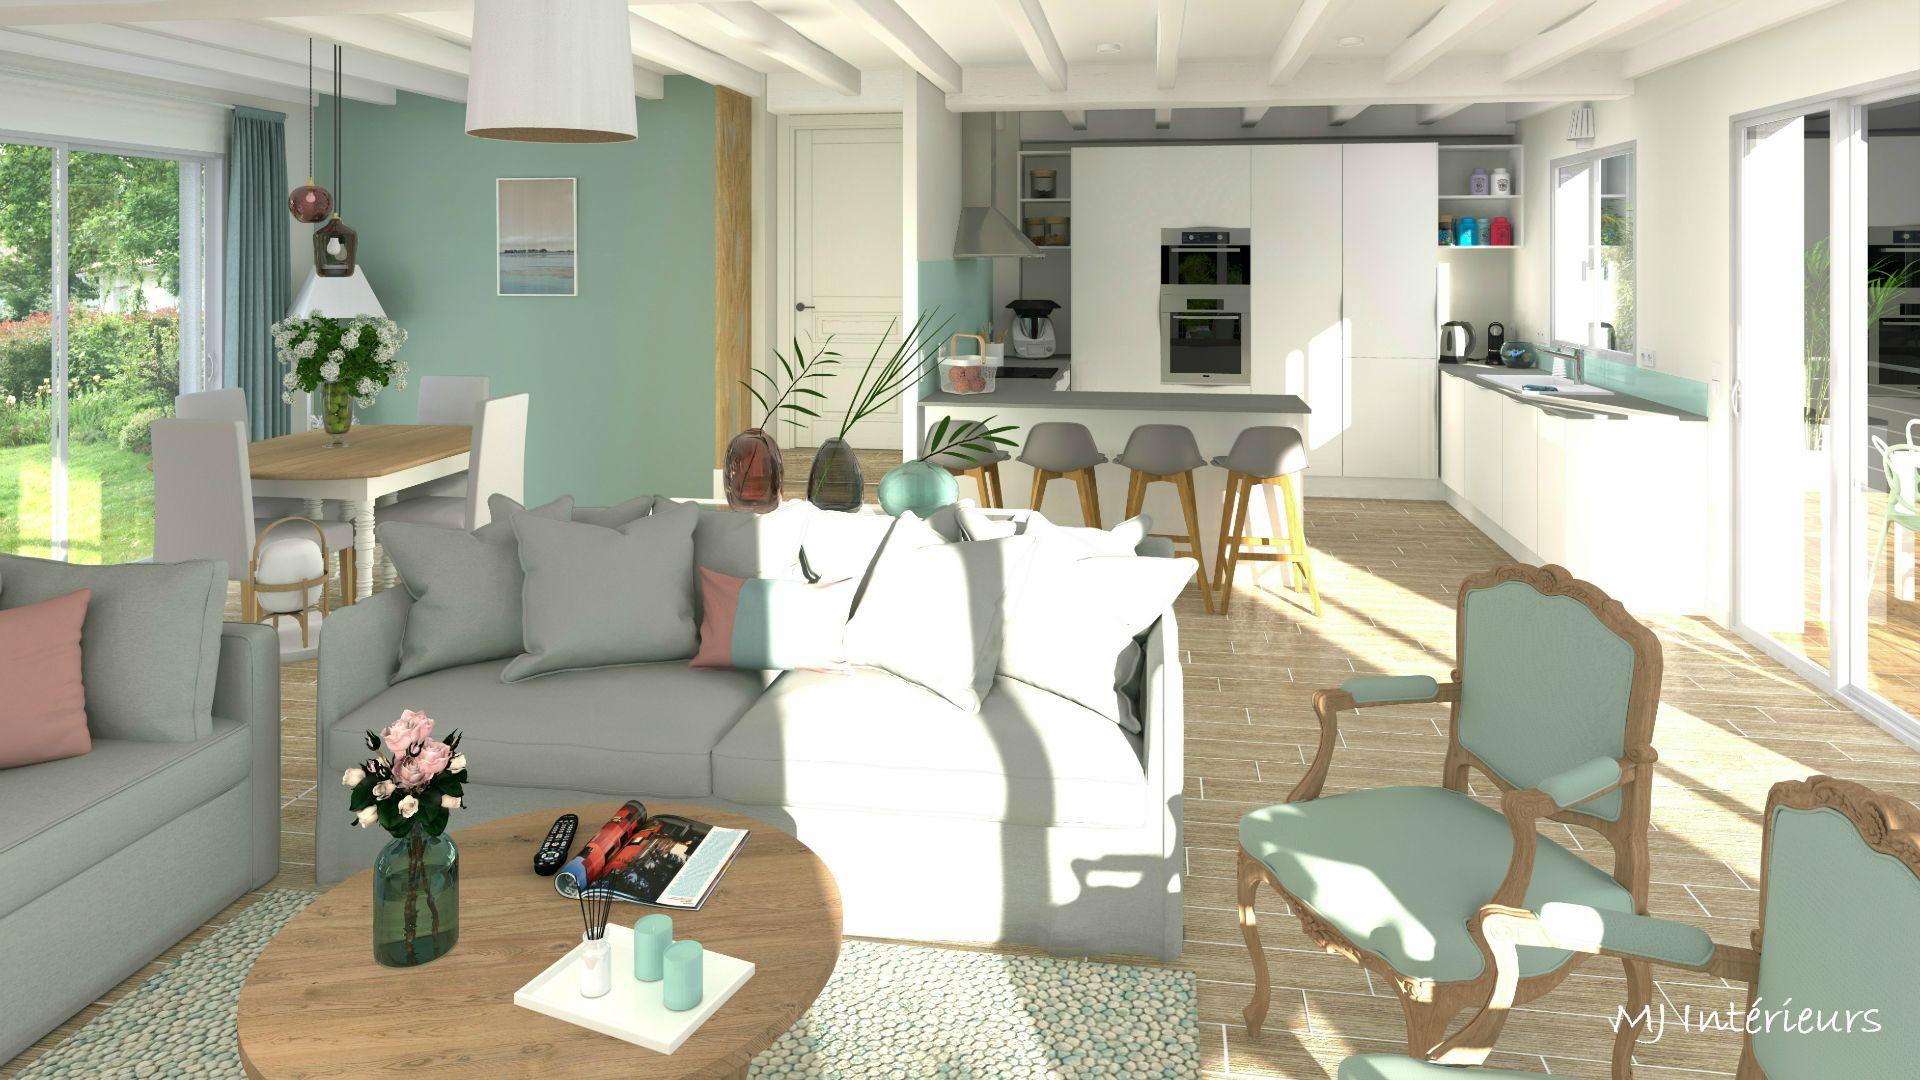 Renovation D Une Spacieuse Piece A Vivre Dans Une Maison Des Annees 80 A Meschers Sur Gironde 17 Par Mj Decoration Interieure Decoration Maison Piece A Vivre